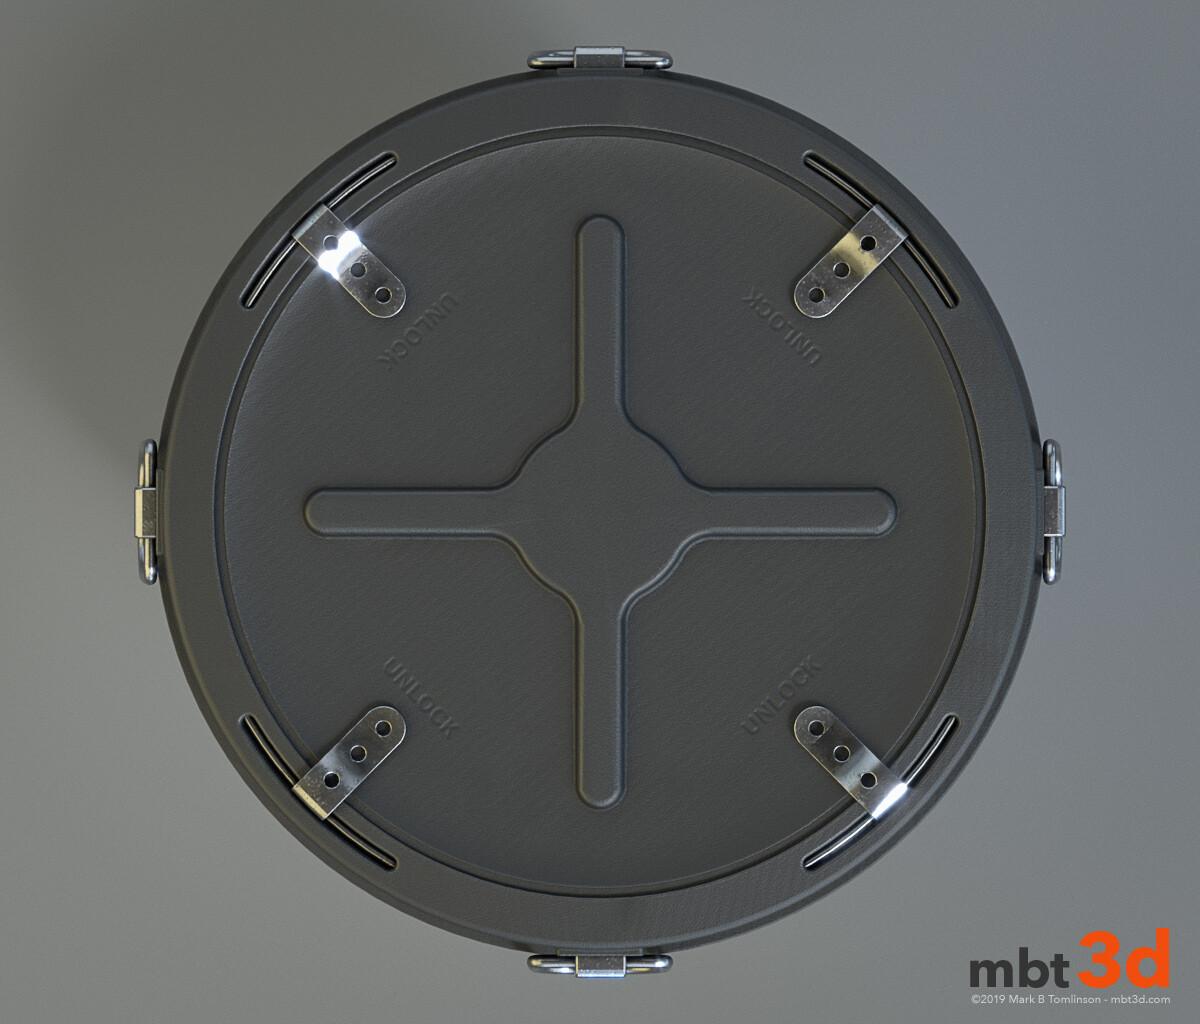 Mark b tomlinson drum 04